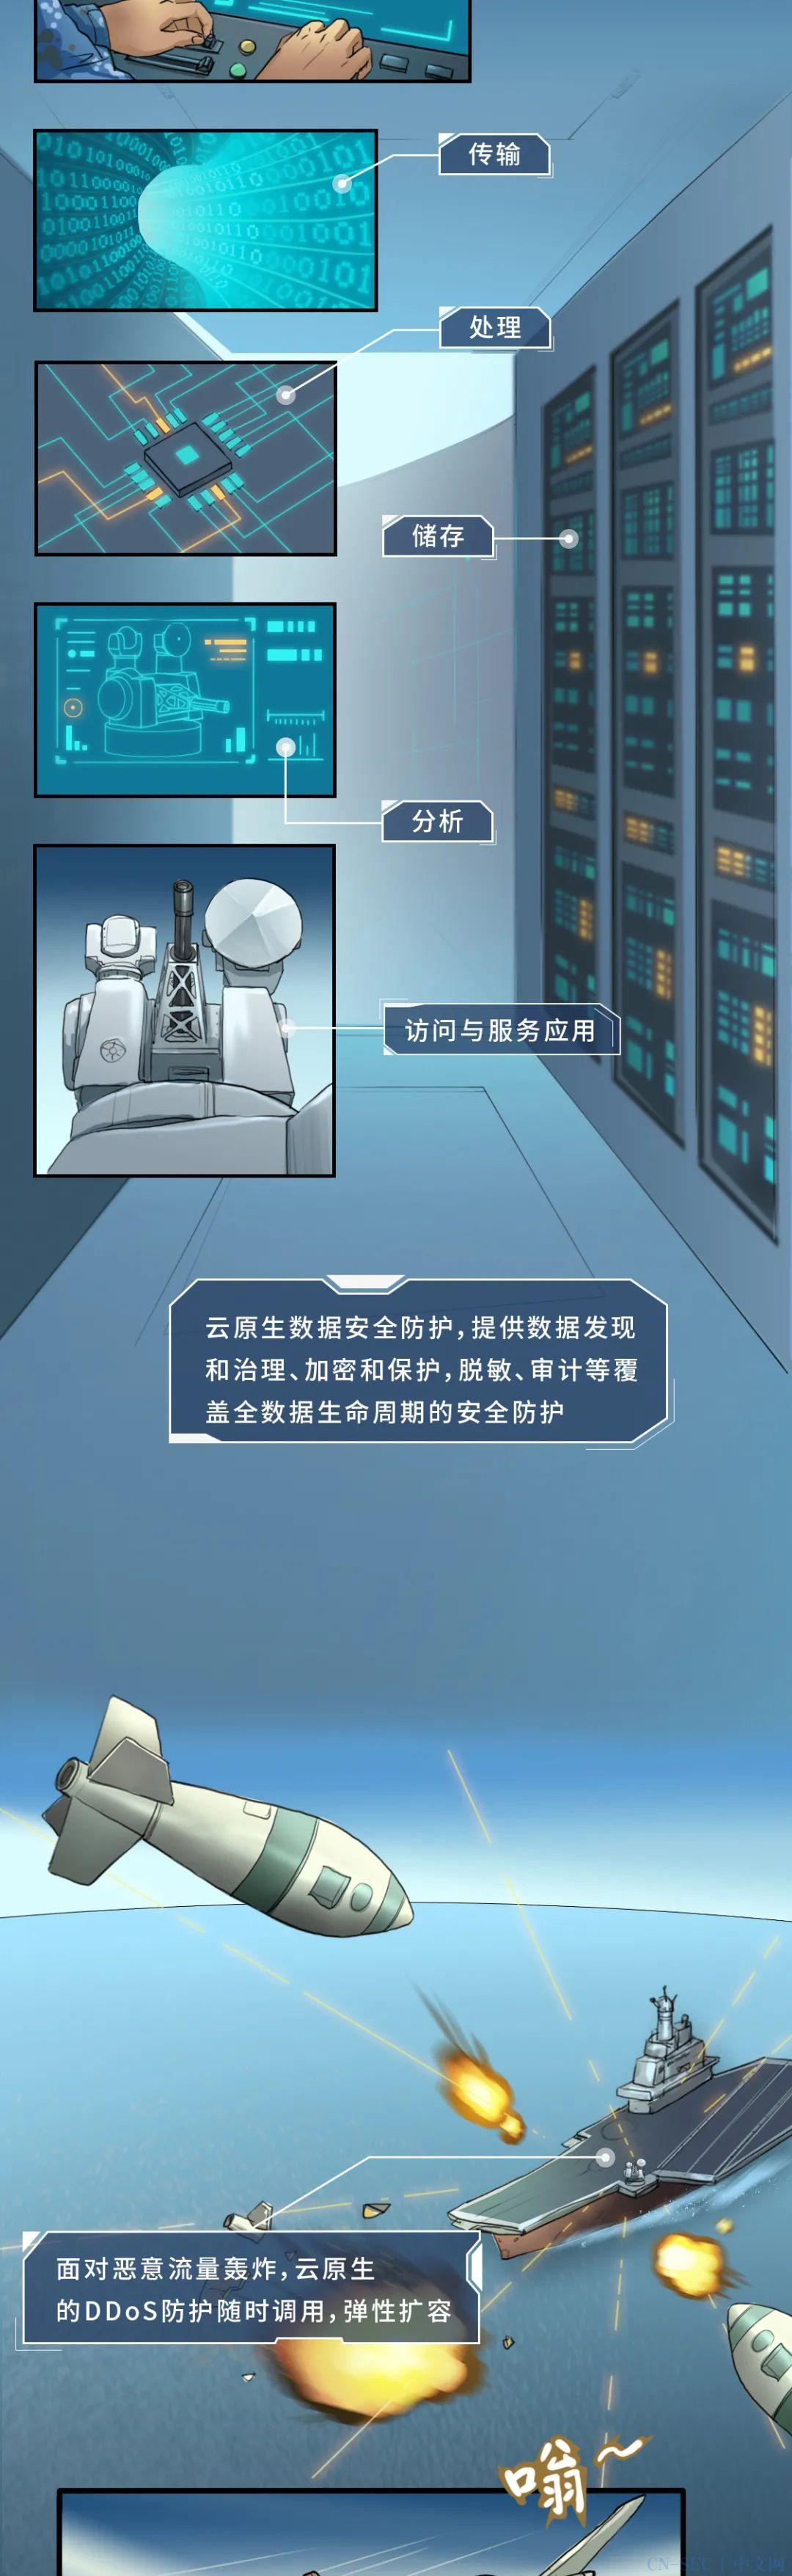 一图详解腾讯云原生安全防护体系